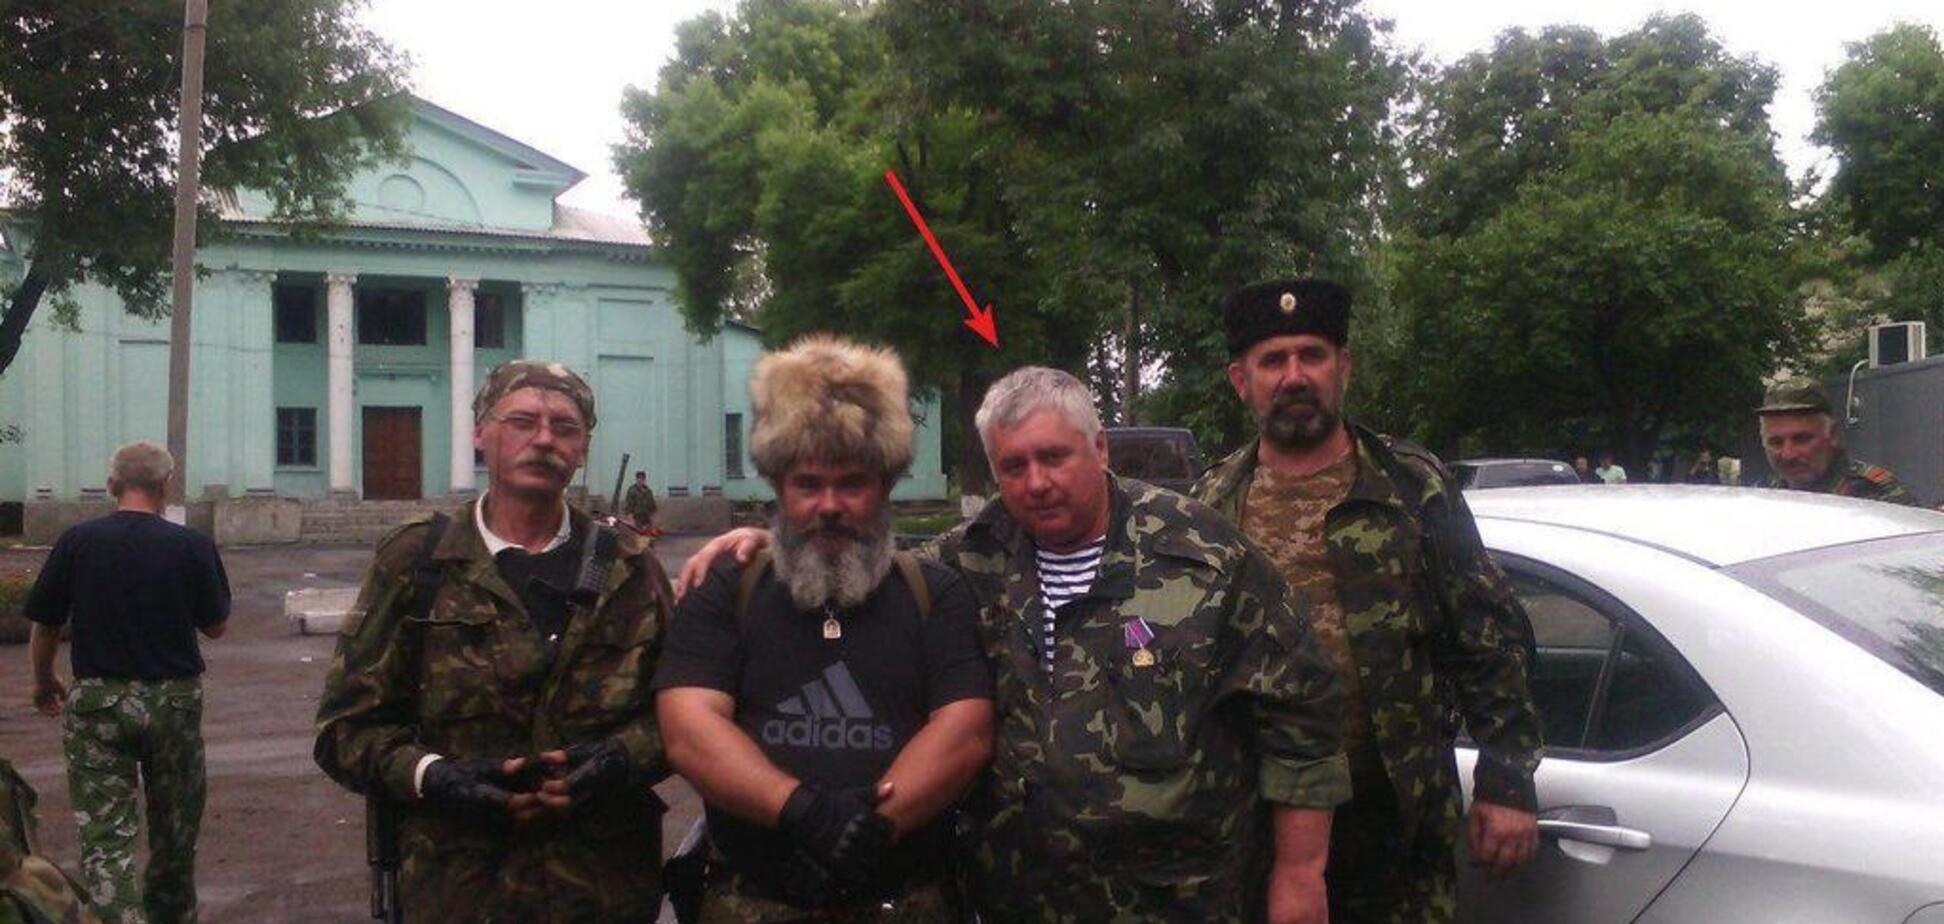 Друг 'Бабая'? На Донбасі помер небезпечний терорист з Росії: фото